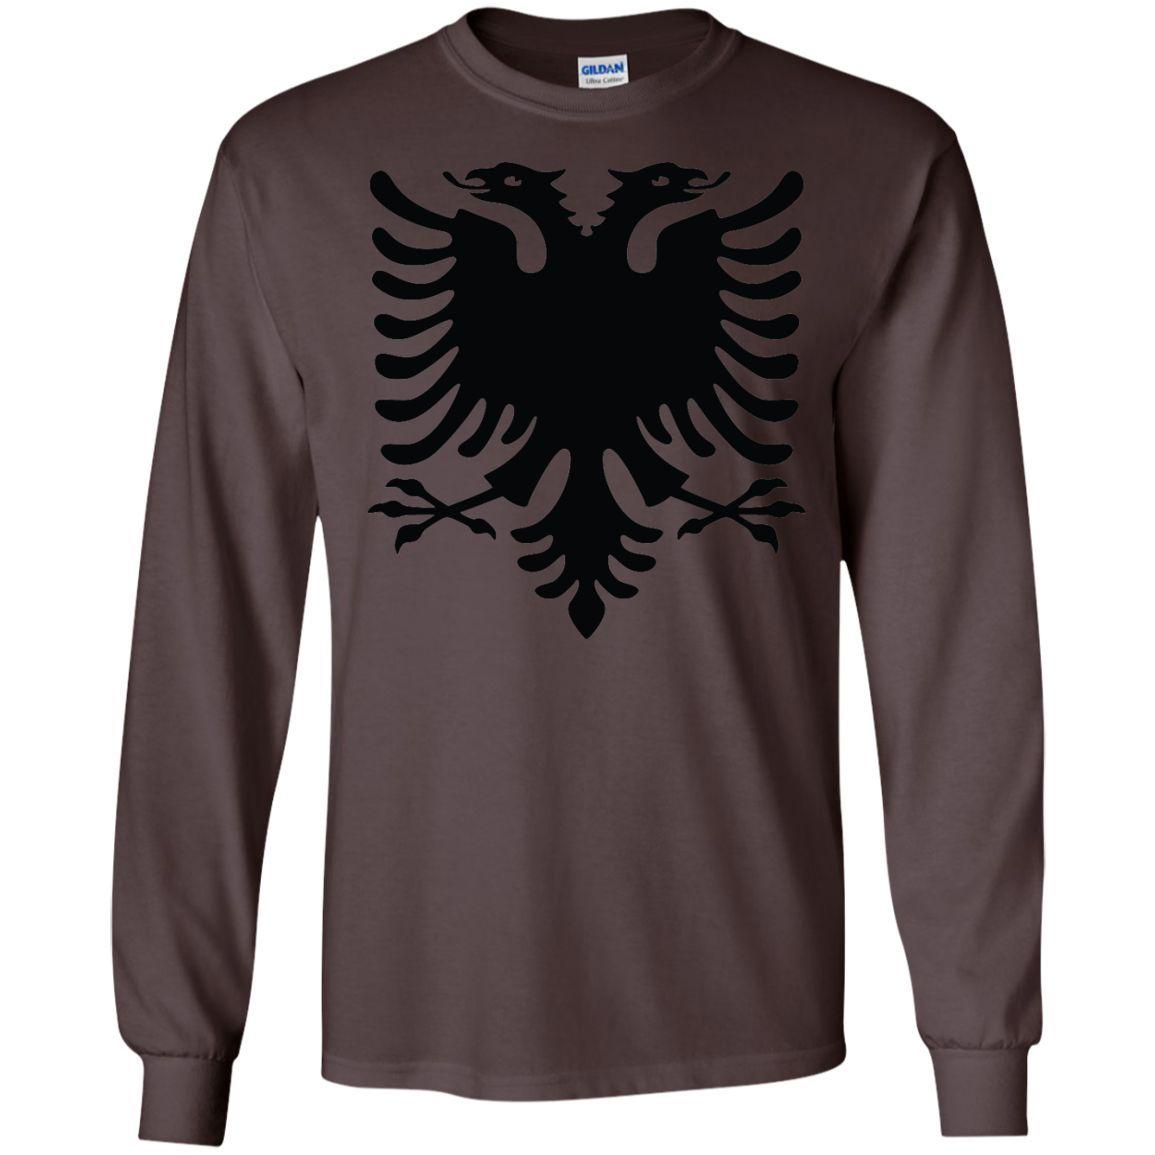 Albania flag 1-01 LS Ultra Cotton Tshirt